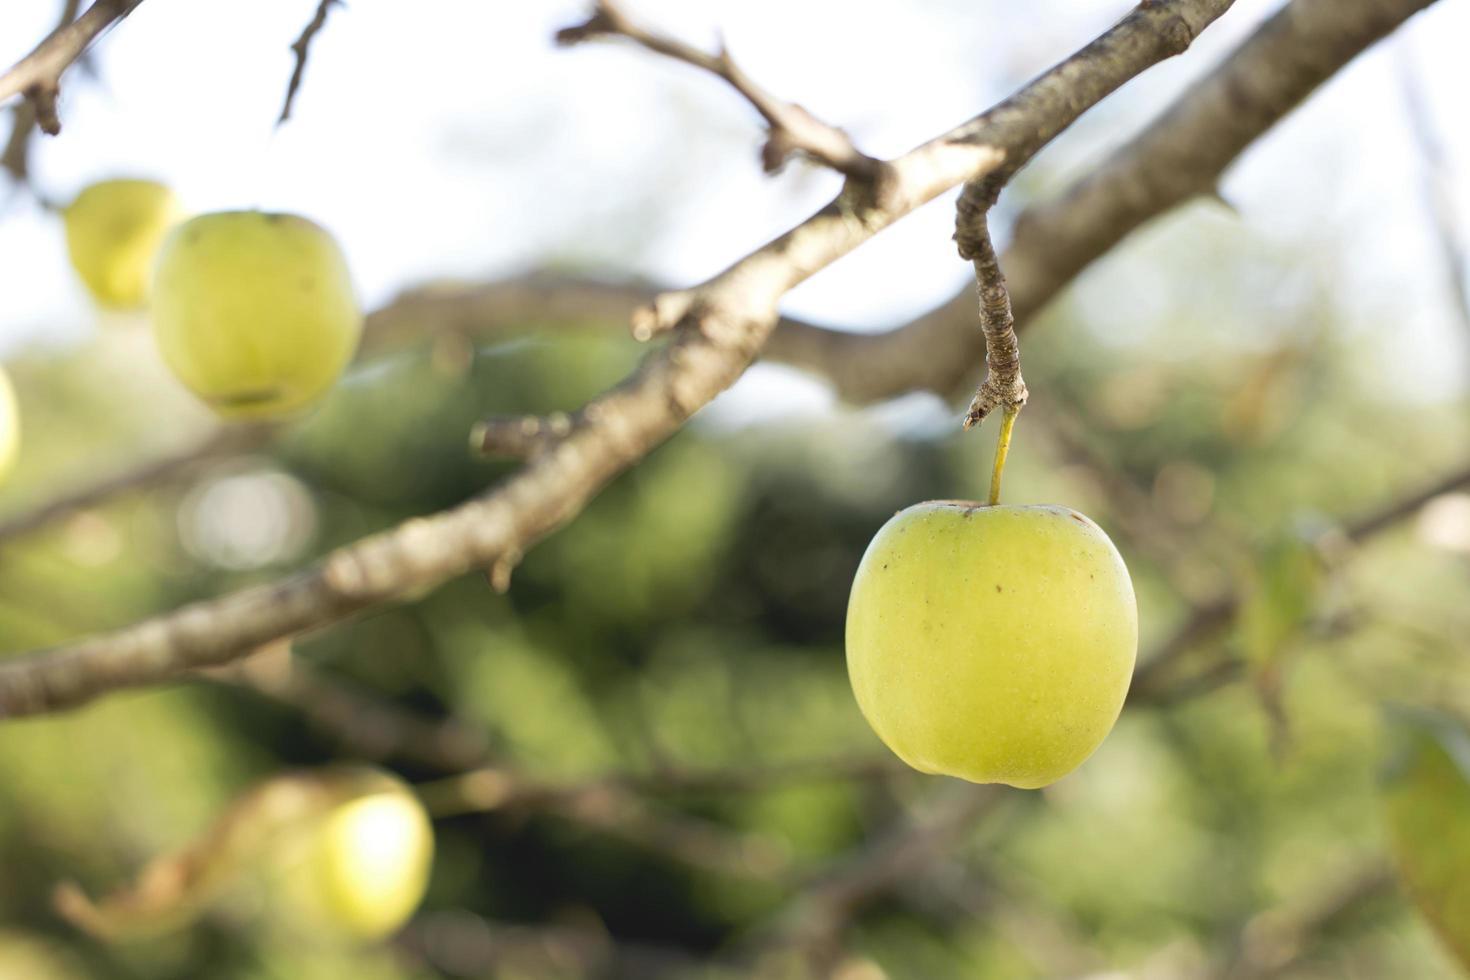 primer plano, de, manzana verde, en, árbol foto